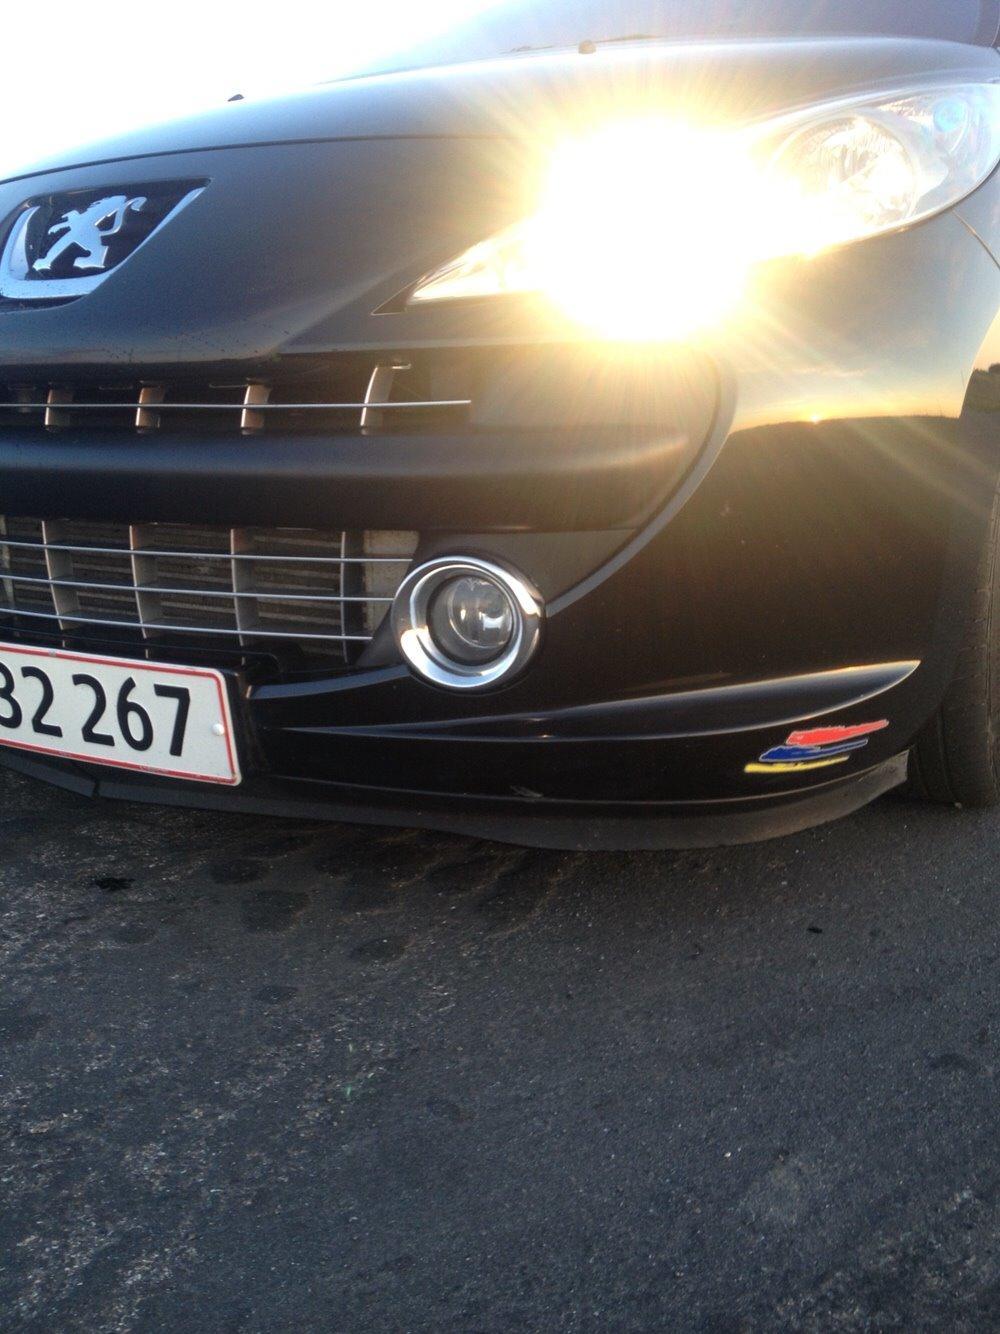 Peugeot 207 rc billede 9